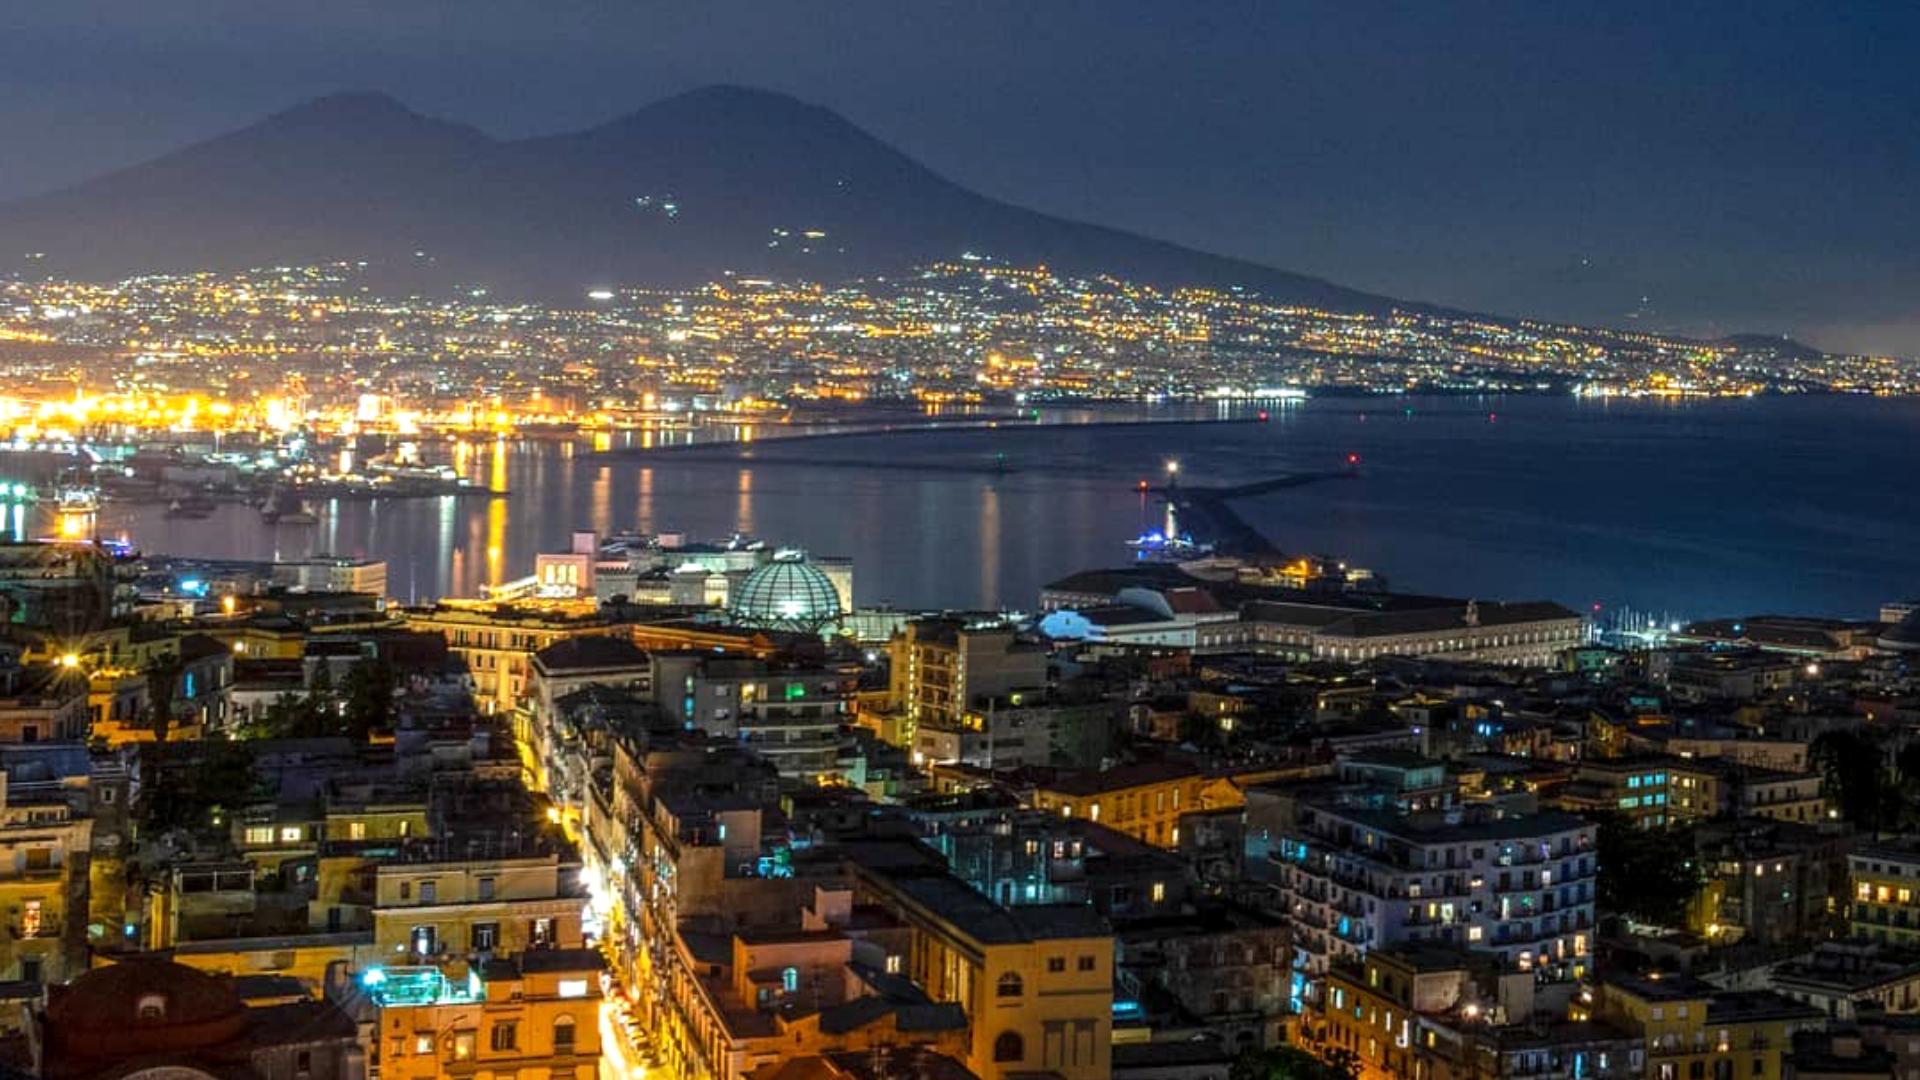 100 Eventi E Cose Da Fare A Napoli Per Il Weekend 2 3 Febbraio 2019 Napoli Da Vivere